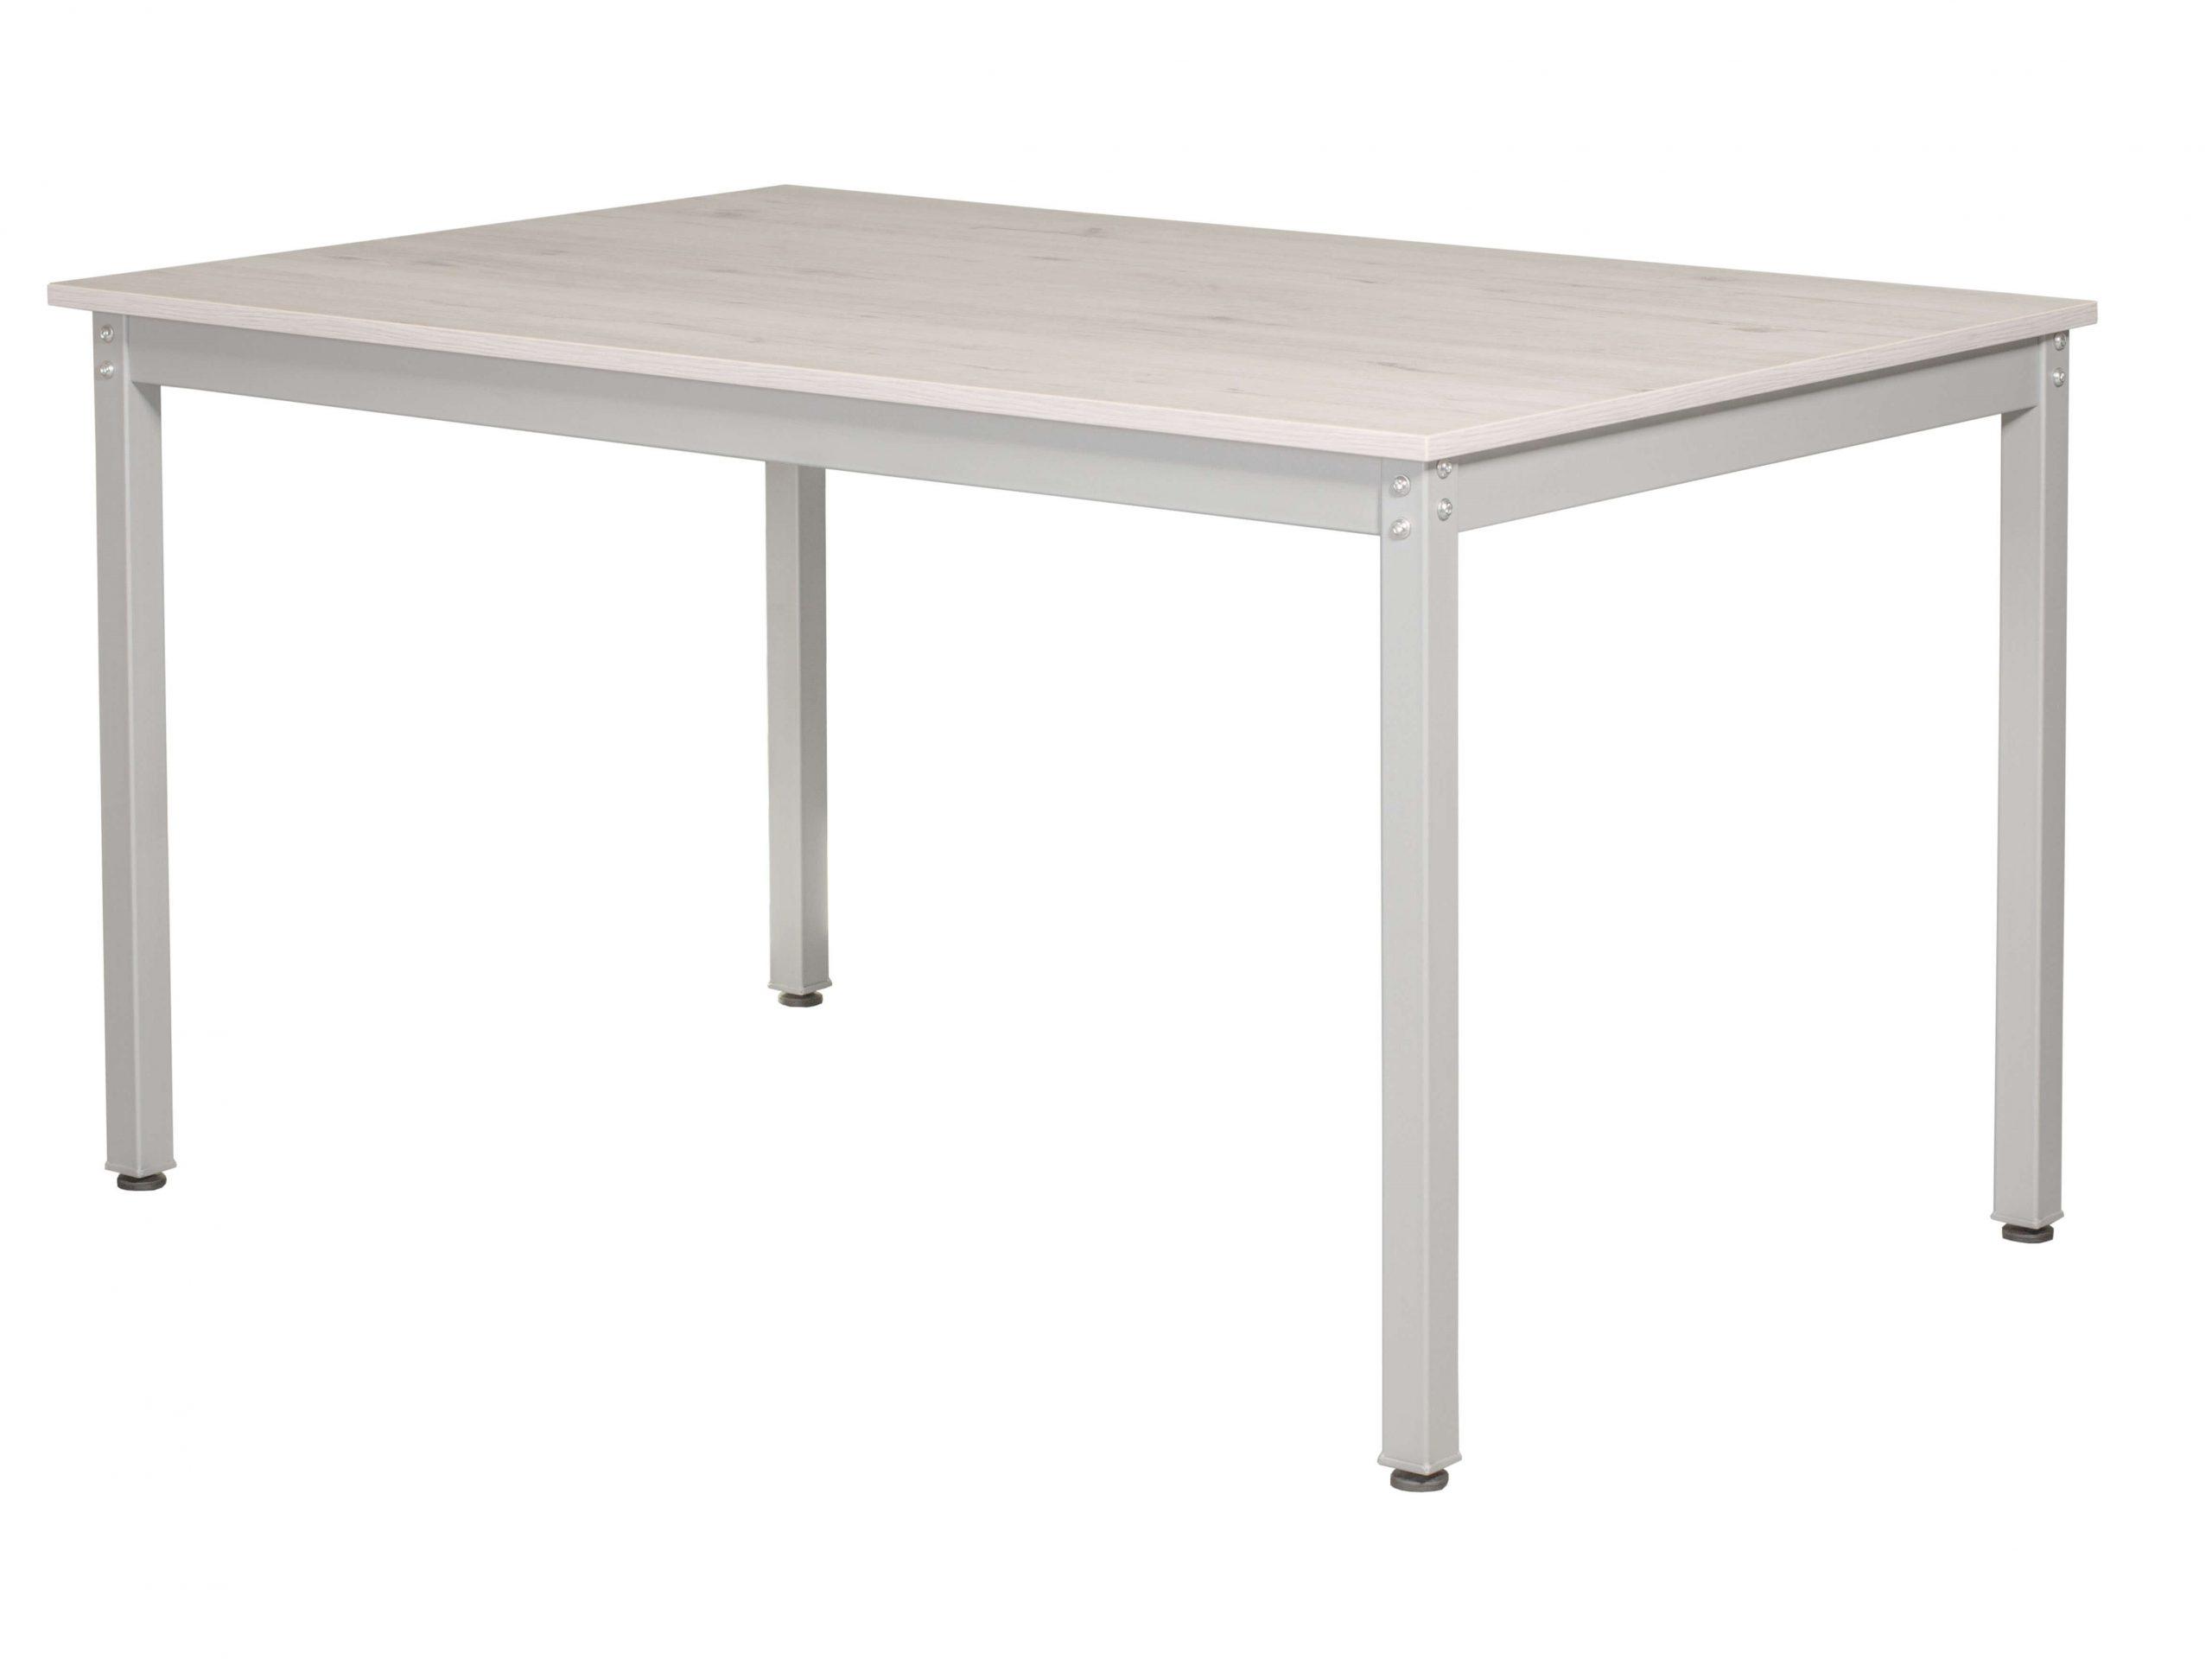 Konferencinis stalas Hugo 120x80 cm su metalinėmis kojomis.